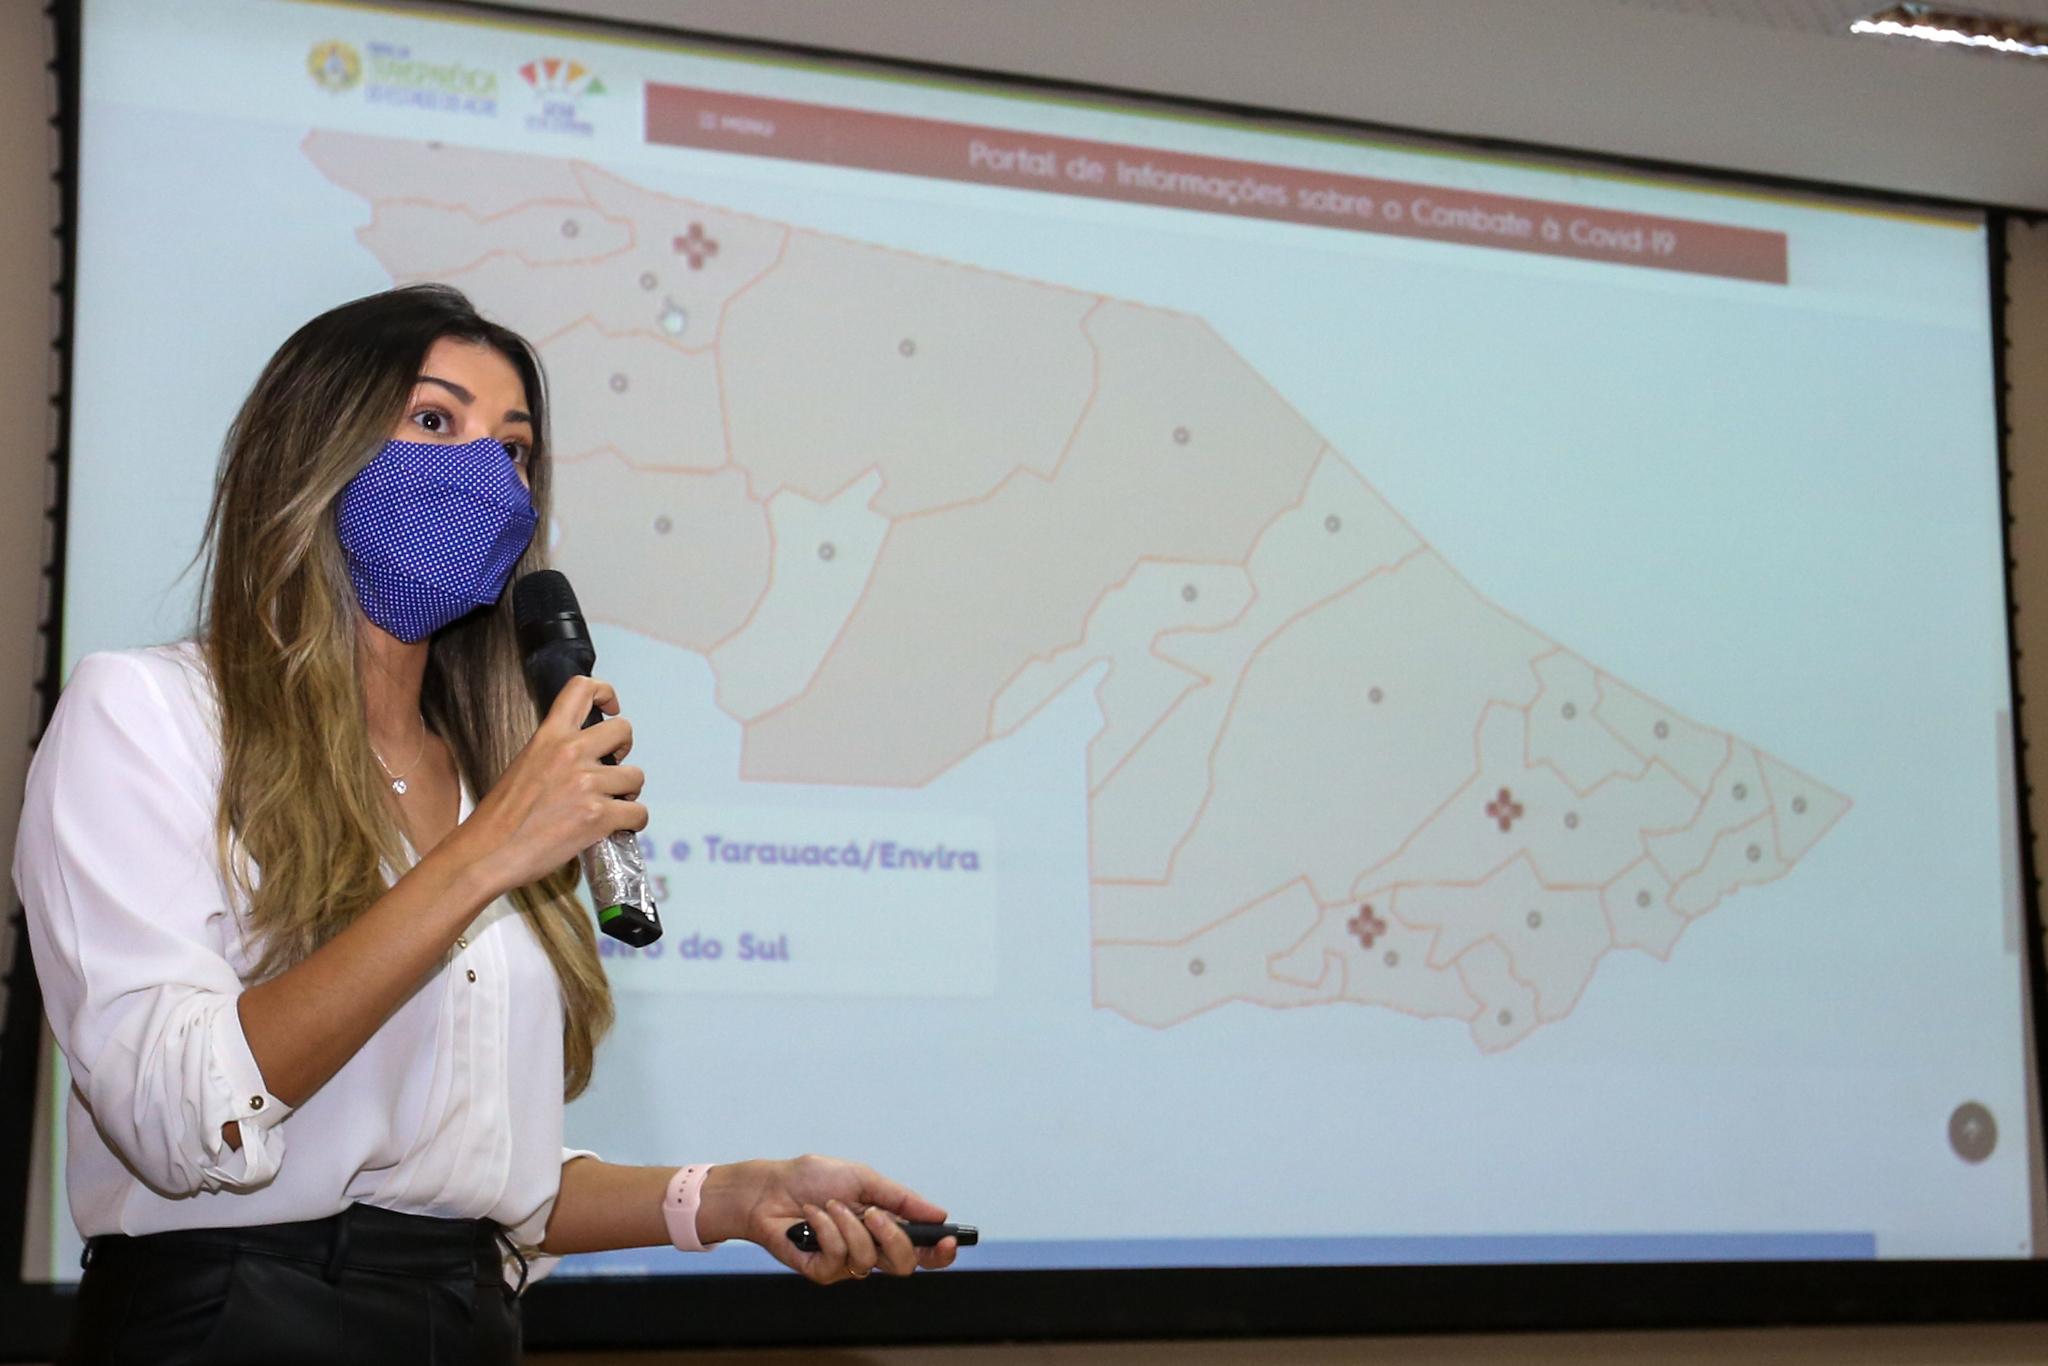 Novo portal de informações sobre Covid-19 no Acre reúne dados e orientações